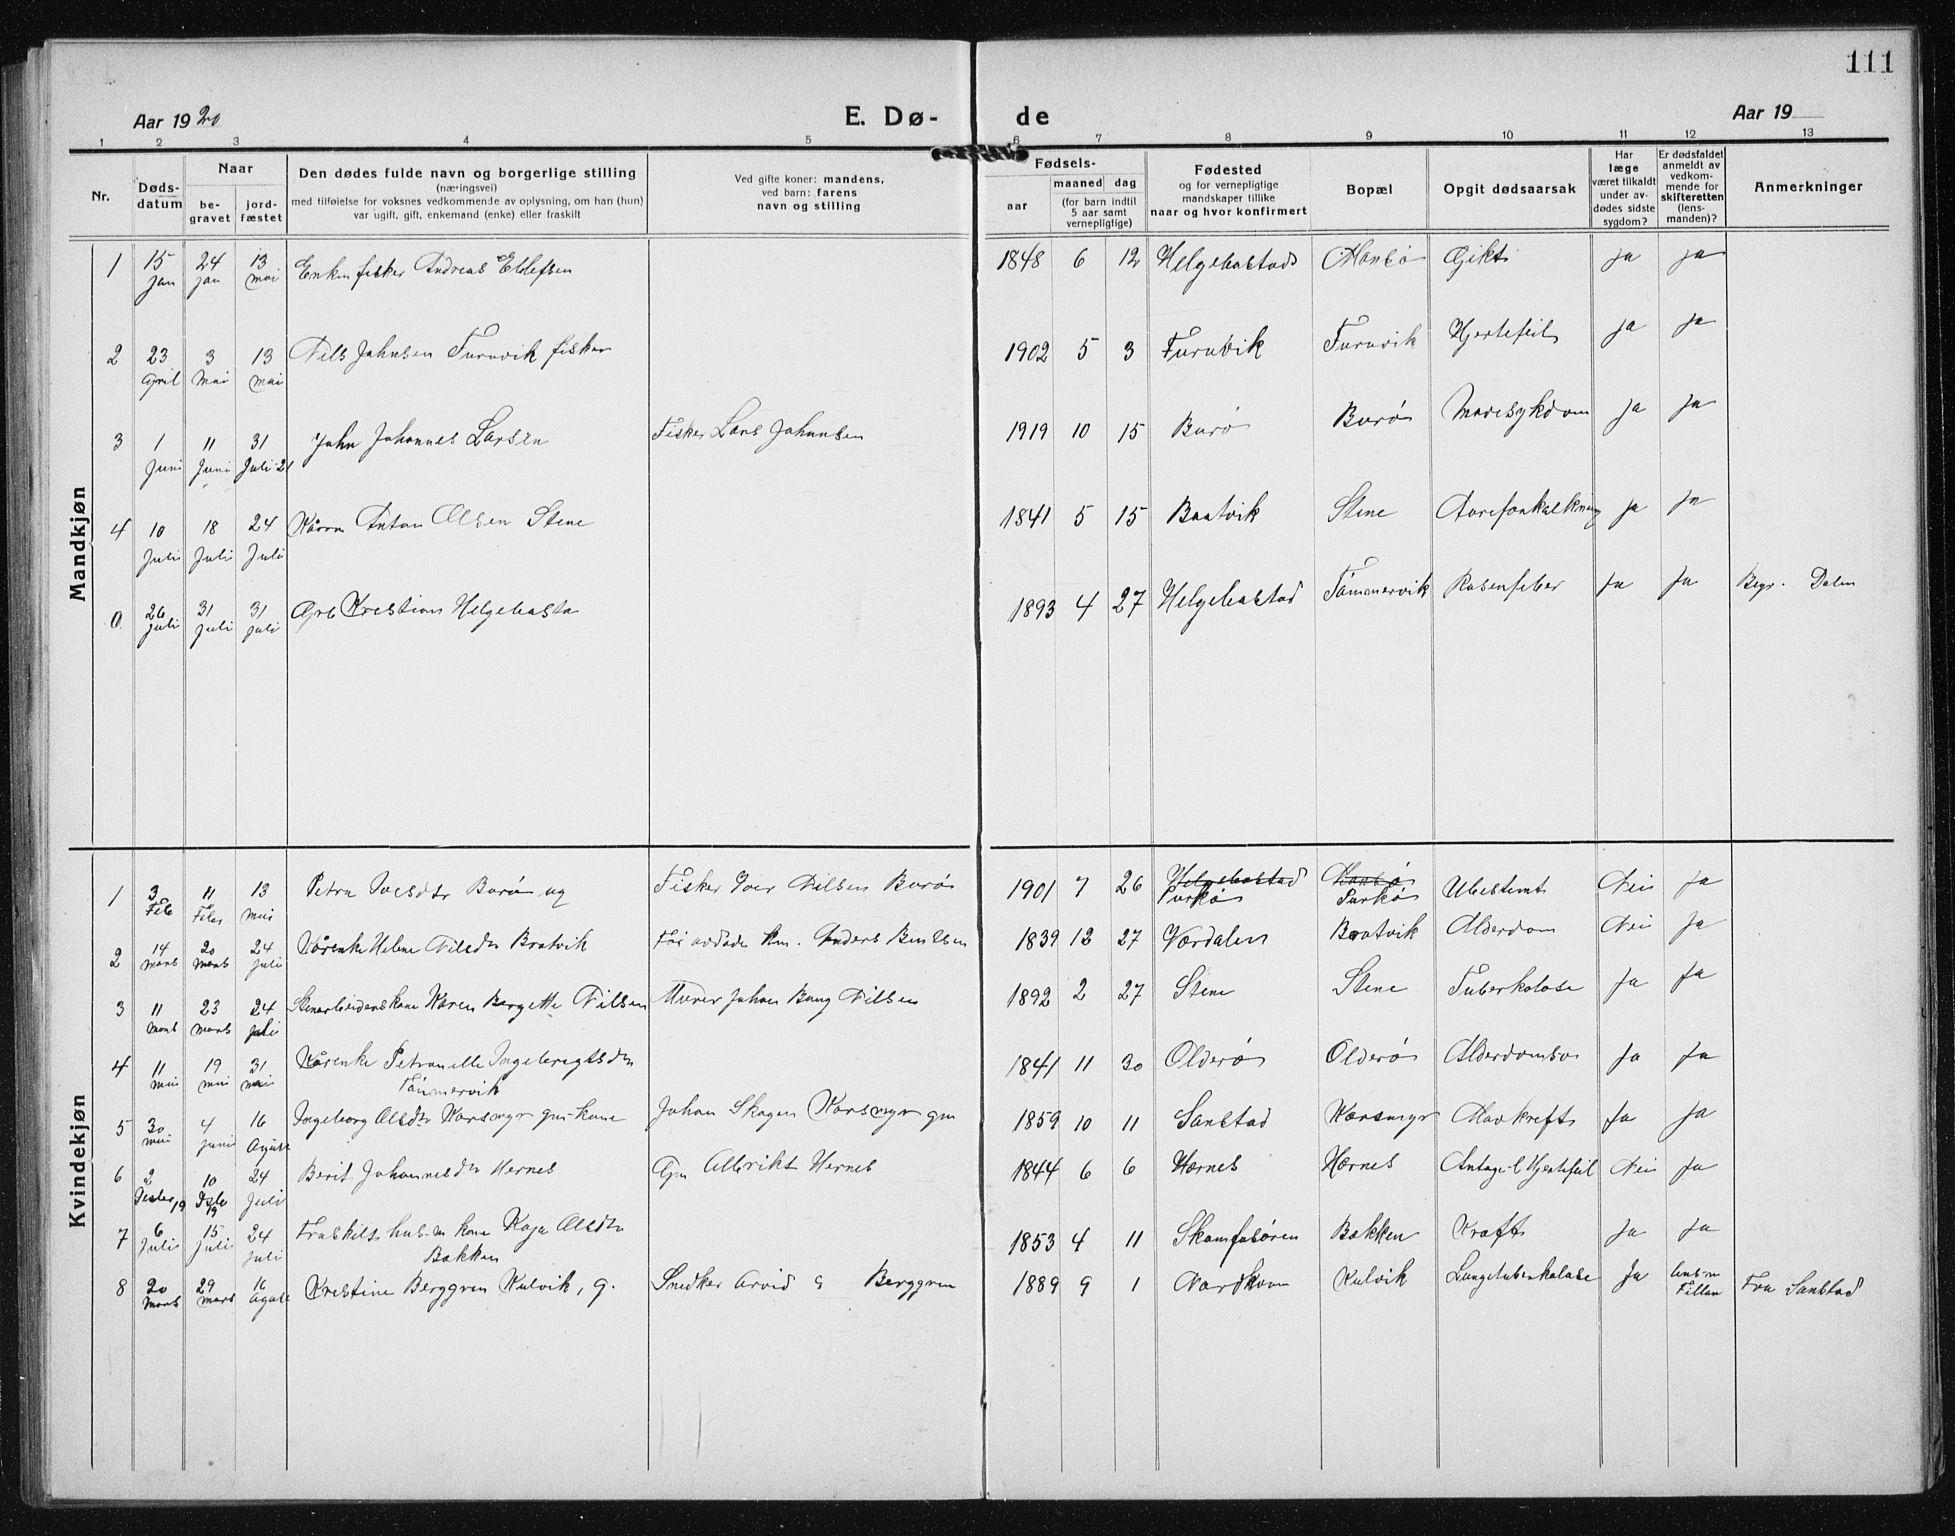 SAT, Ministerialprotokoller, klokkerbøker og fødselsregistre - Sør-Trøndelag, 635/L0554: Klokkerbok nr. 635C02, 1919-1942, s. 111